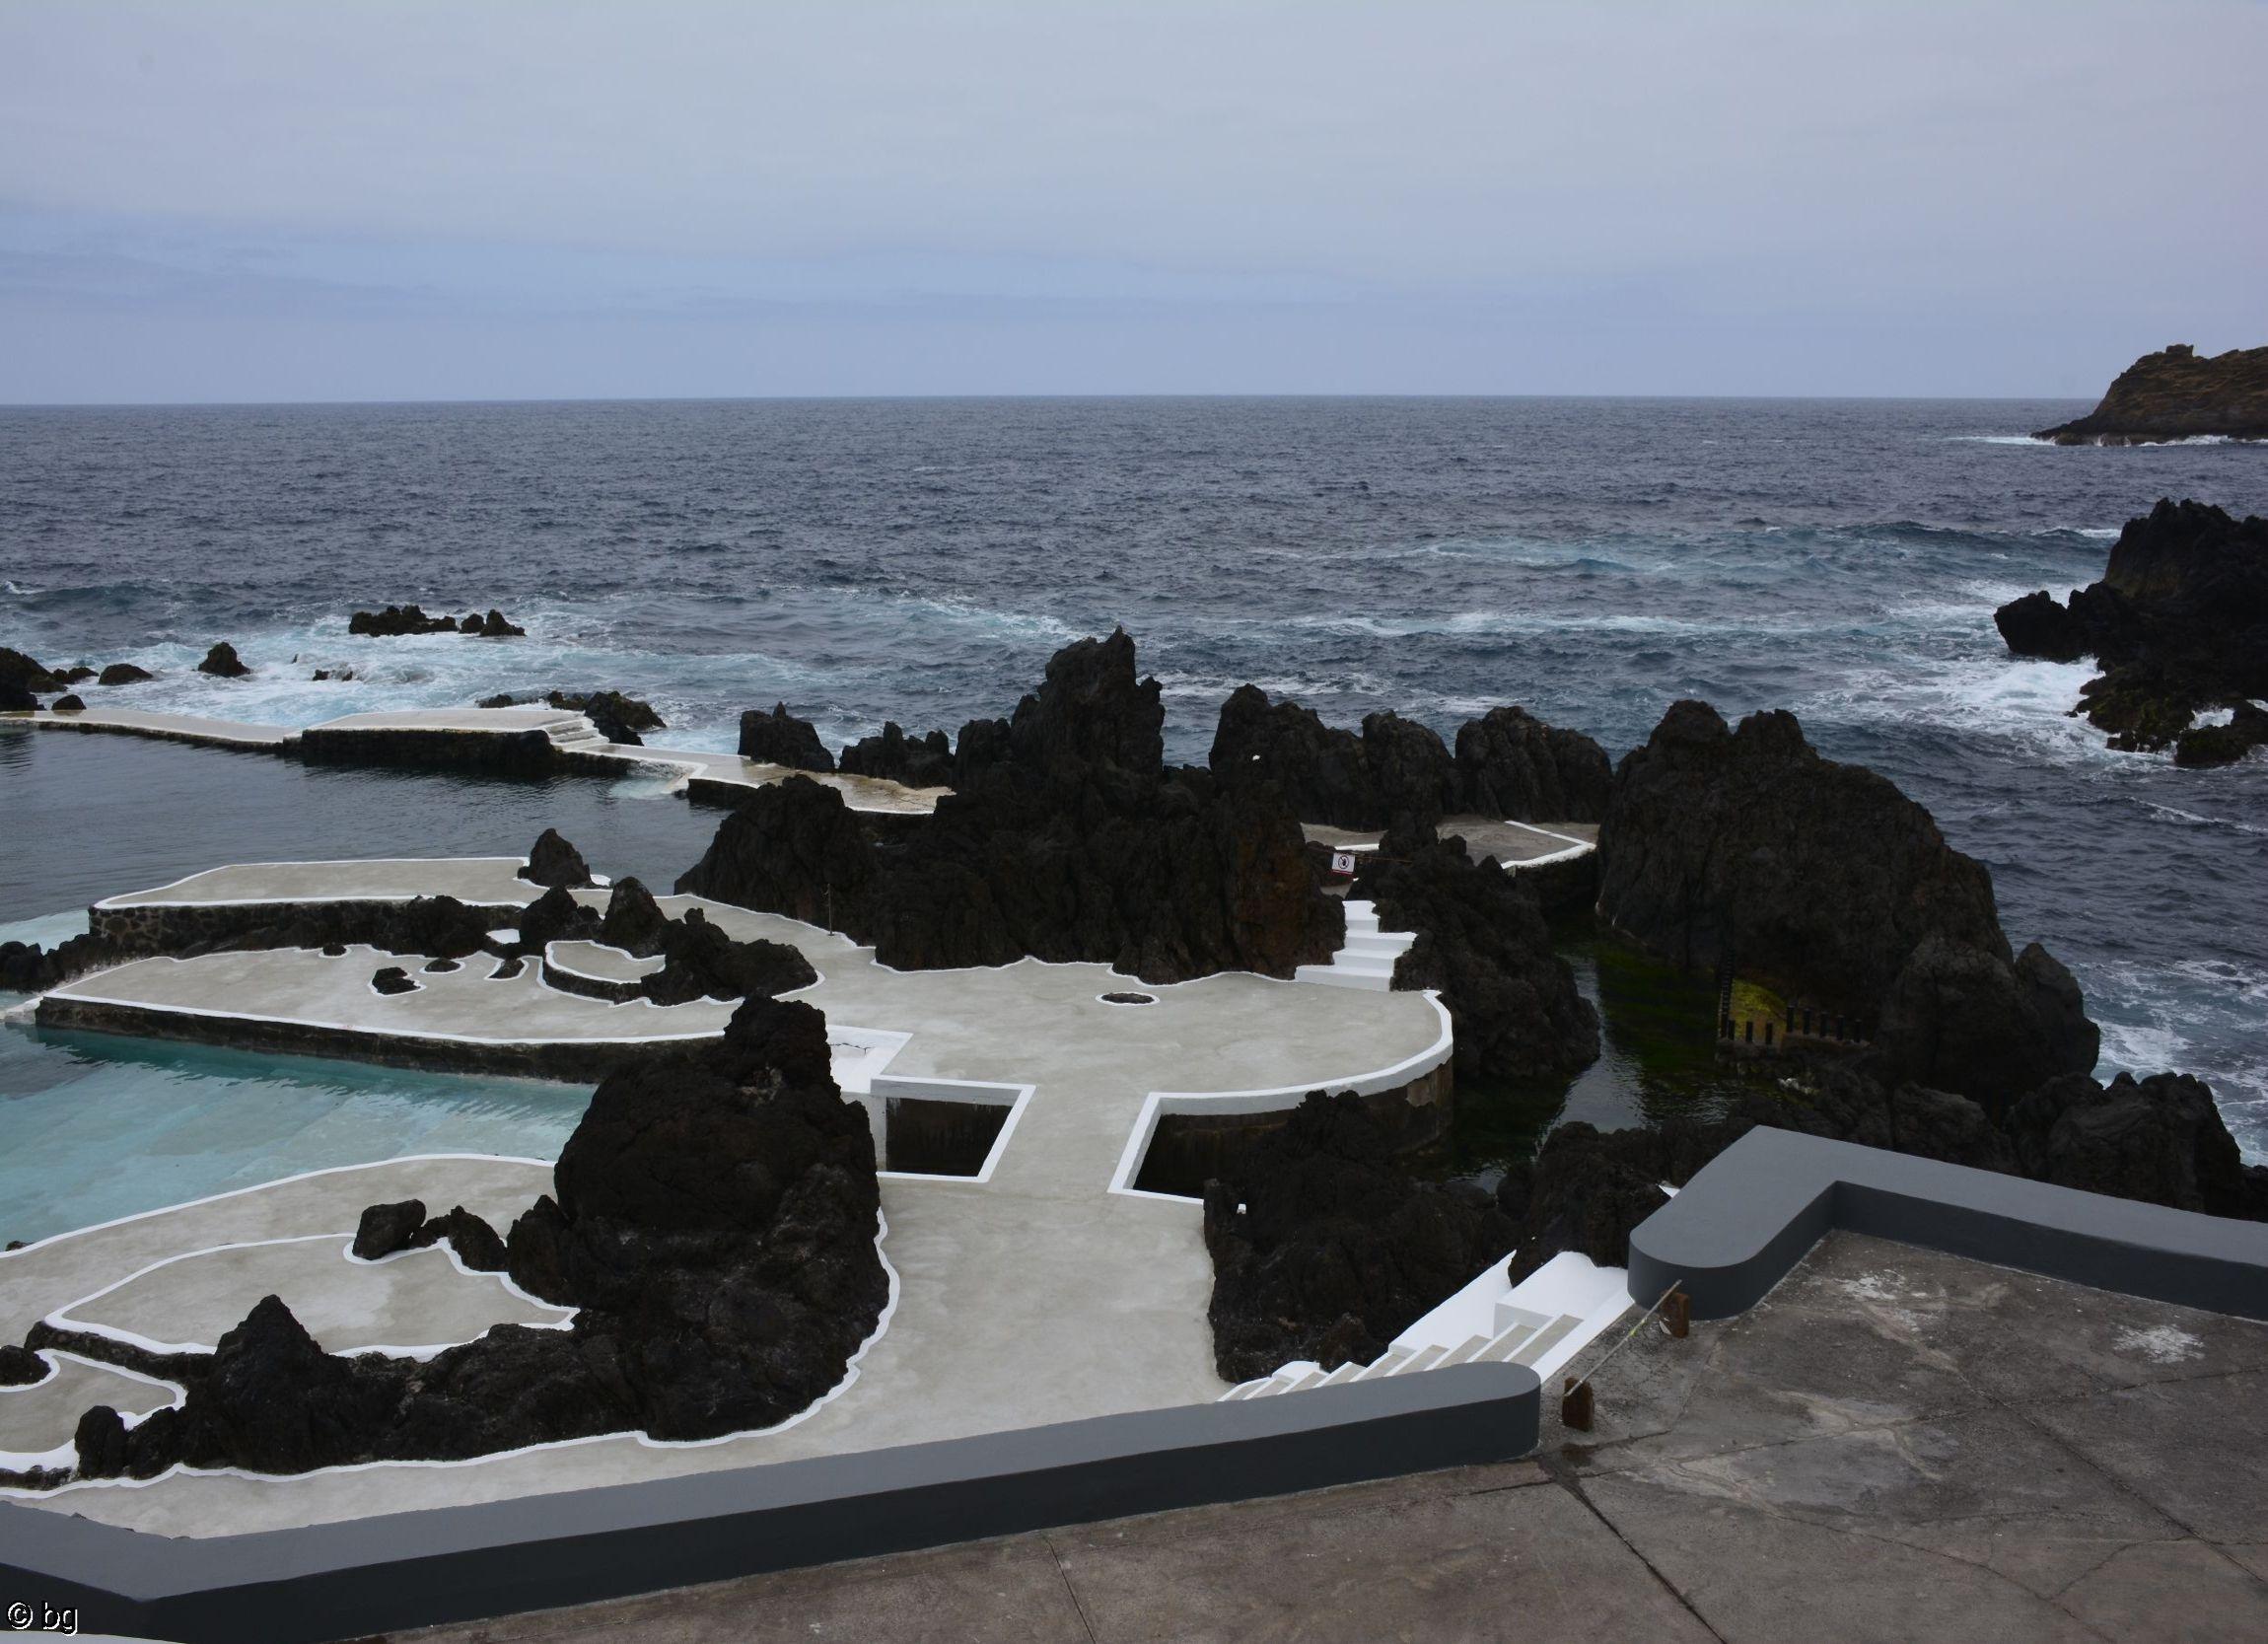 piscinas-naturals-madere-porto-moniz-4